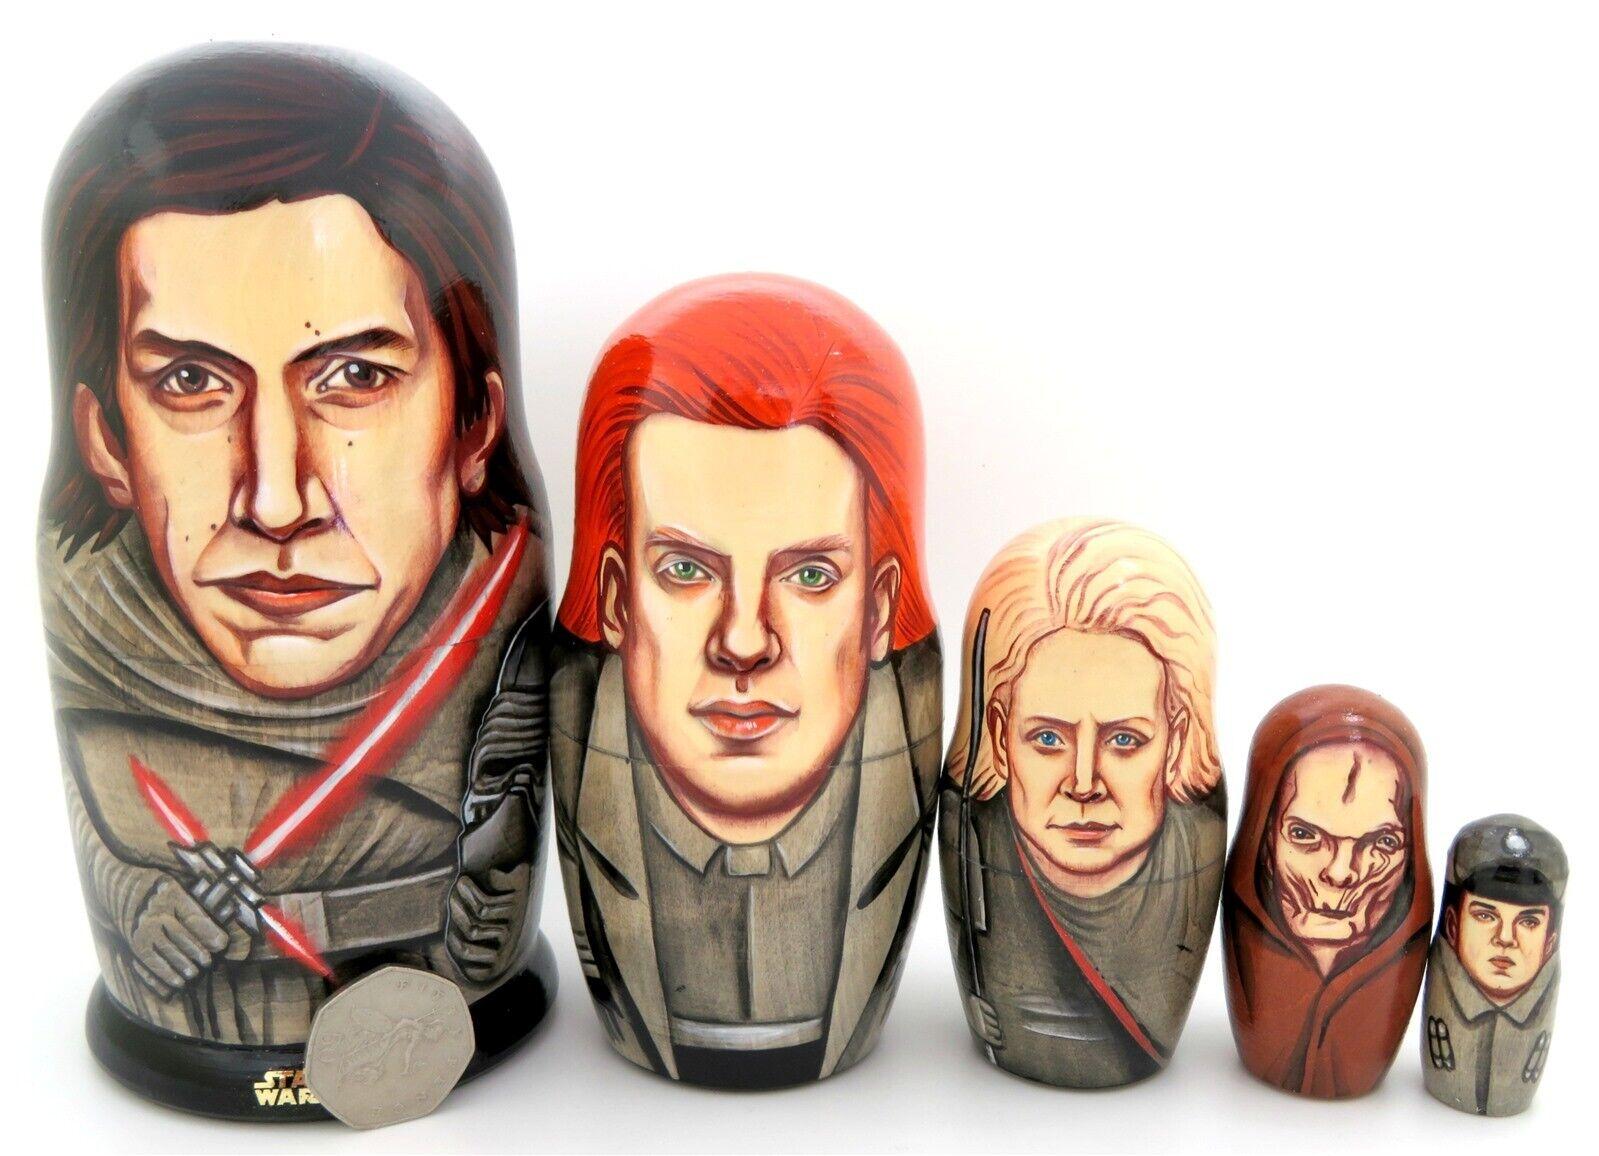 Star Wars Kylux Kylo Ren Allgemeine Hux Phasma Snoke Dark Seite Russisch Dolls 5